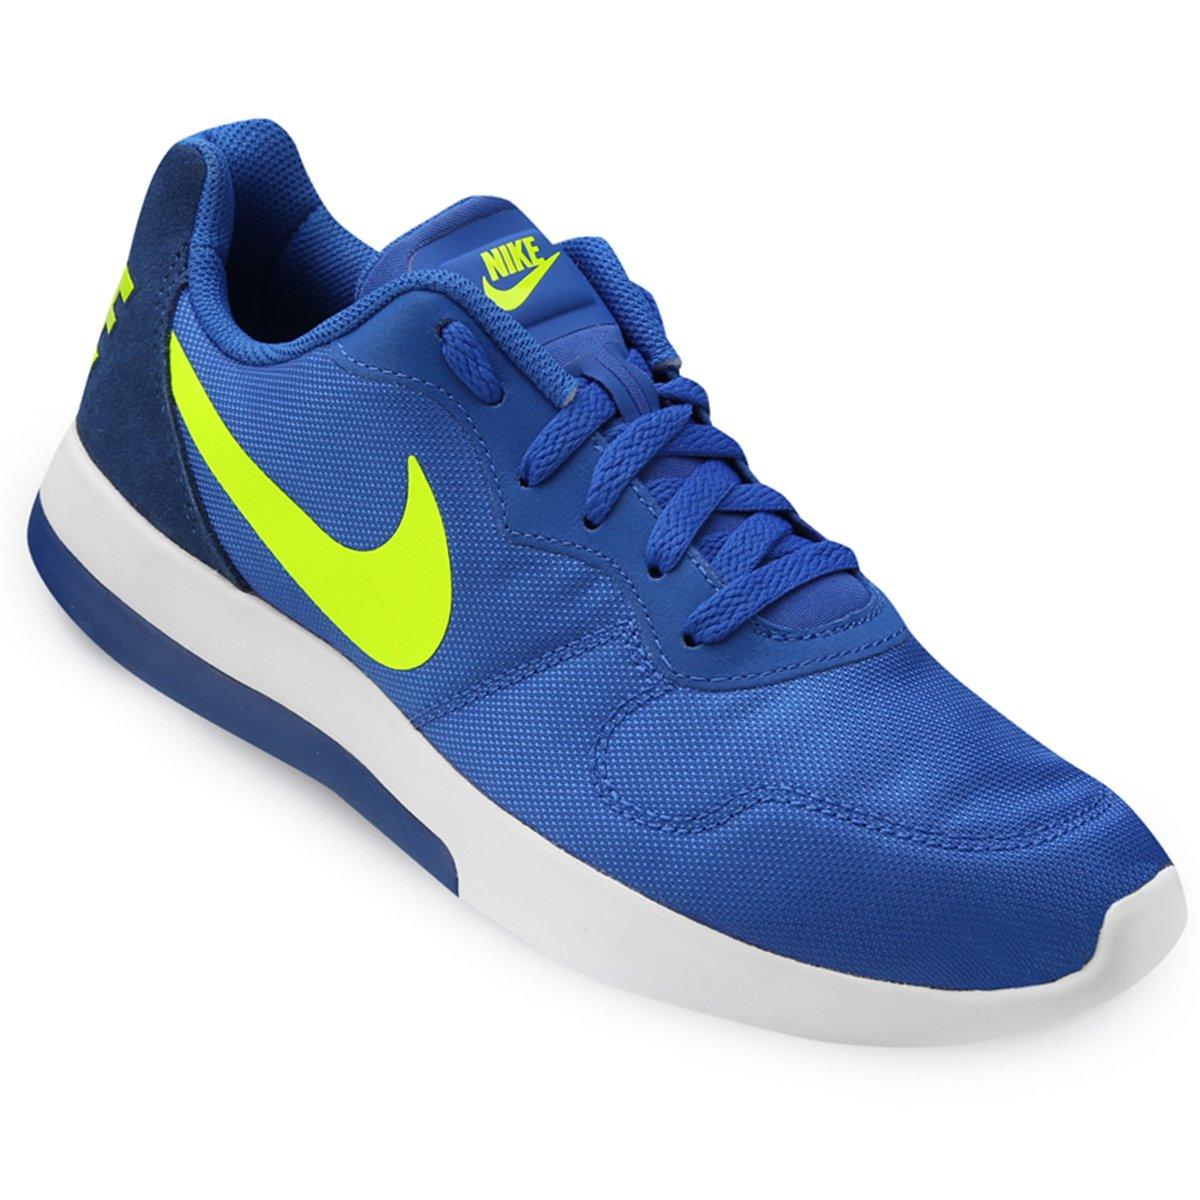 tenis nike azul e verde